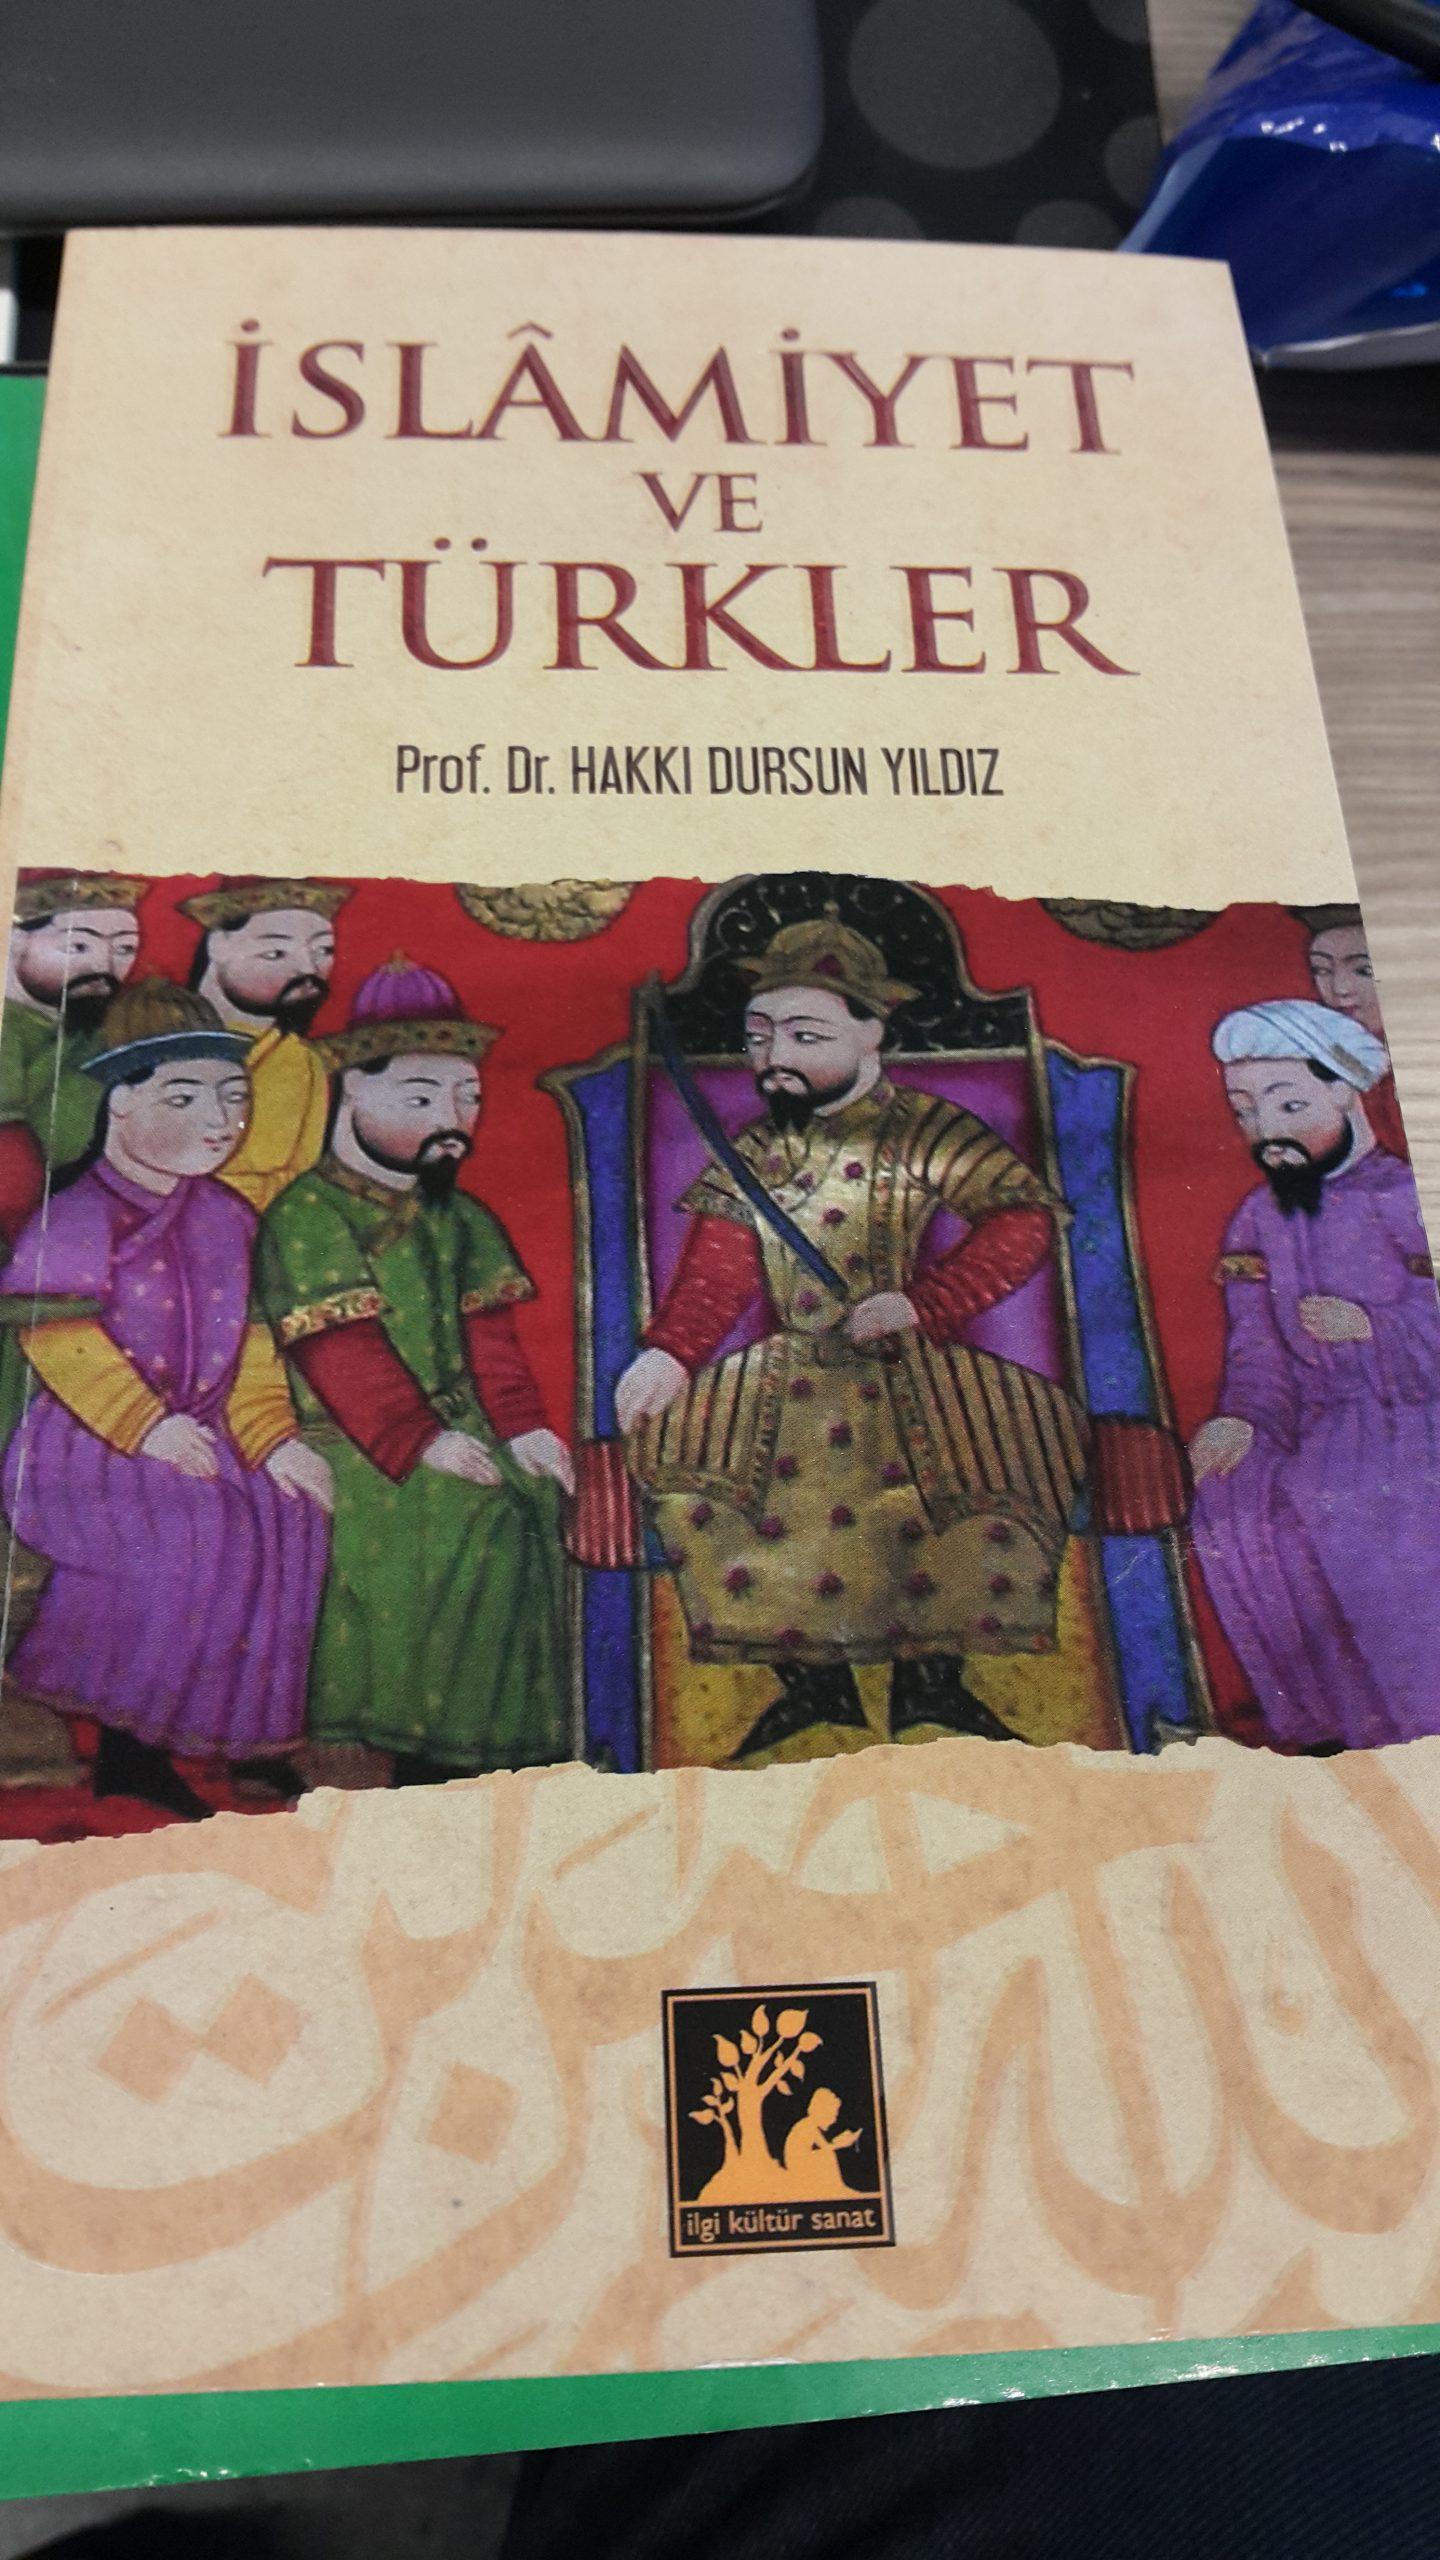 İSLAMİYET VE TÜRKLER/Prof.Dr.Hakkı Dursun YILDIZ